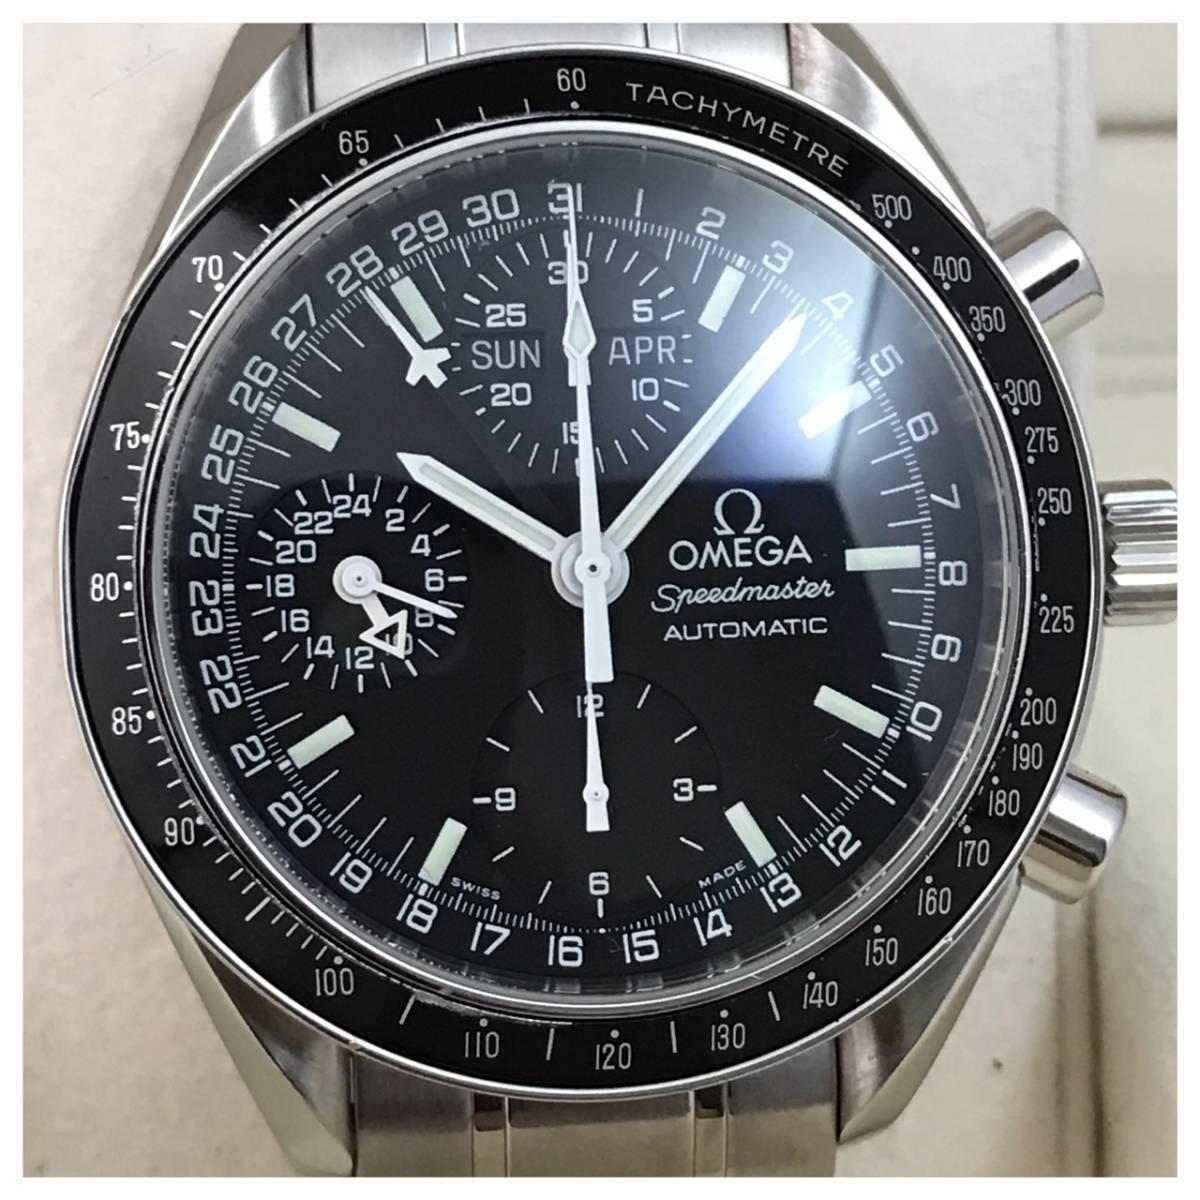 付属品付き☆OH済み美品のオメガ・スピードマスター時計・マーク40・コスモス☆